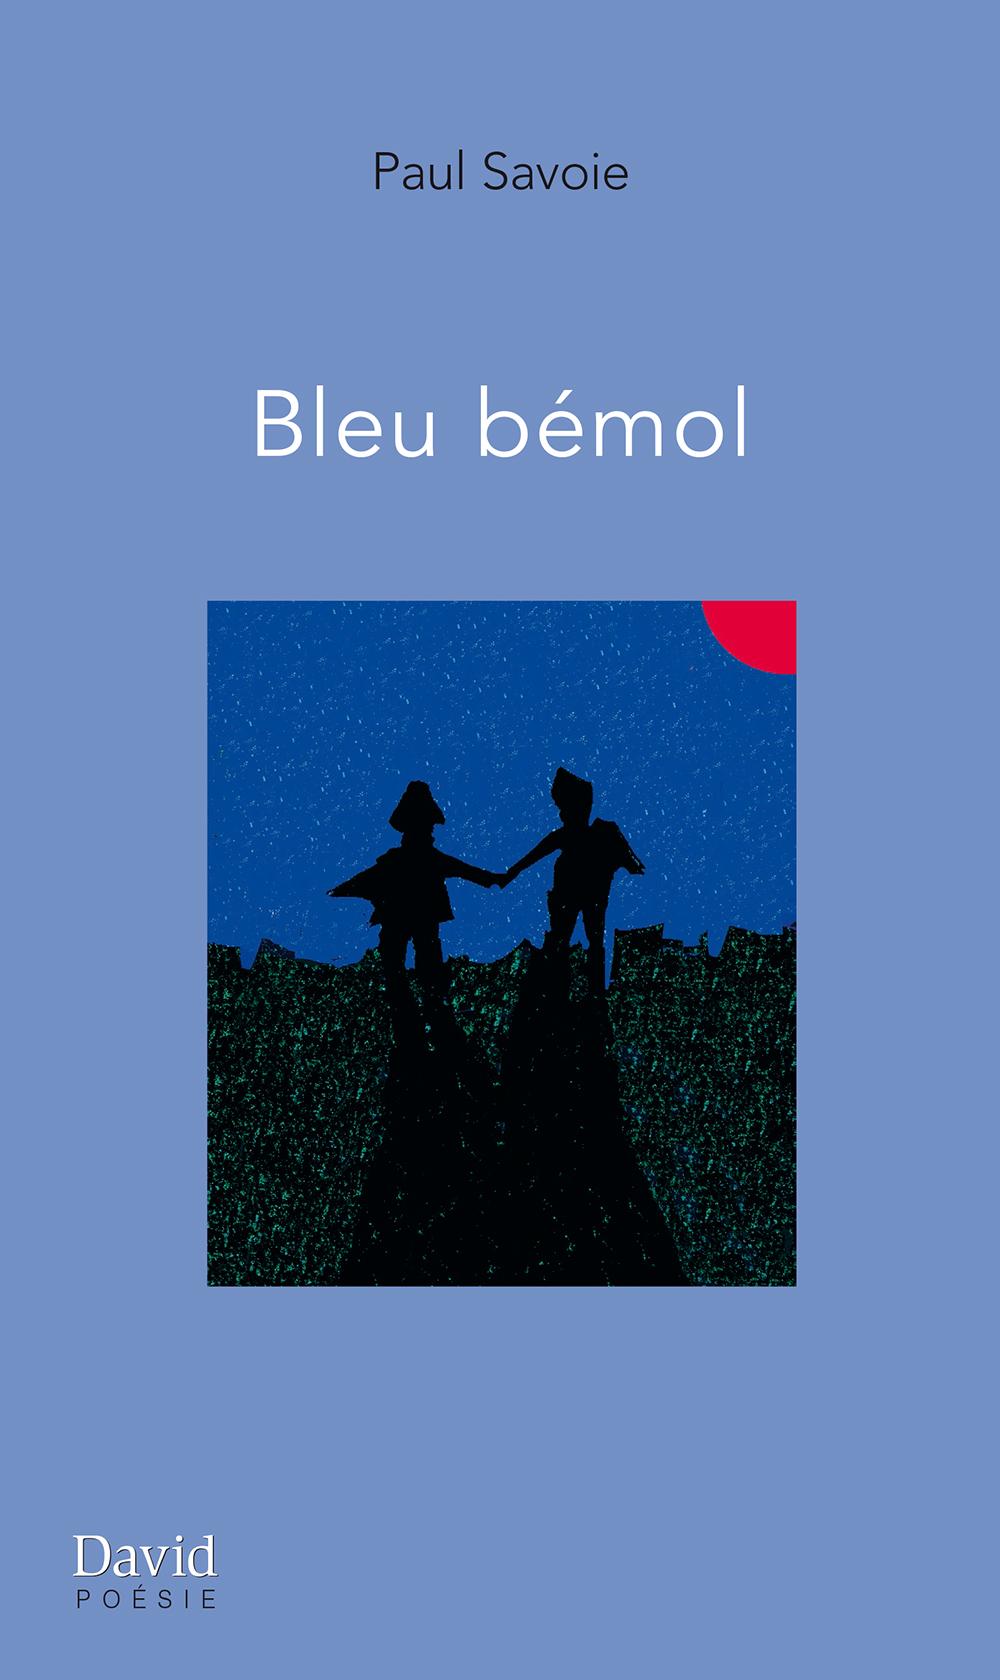 Couverture : Bleu bémol Paul Savoie